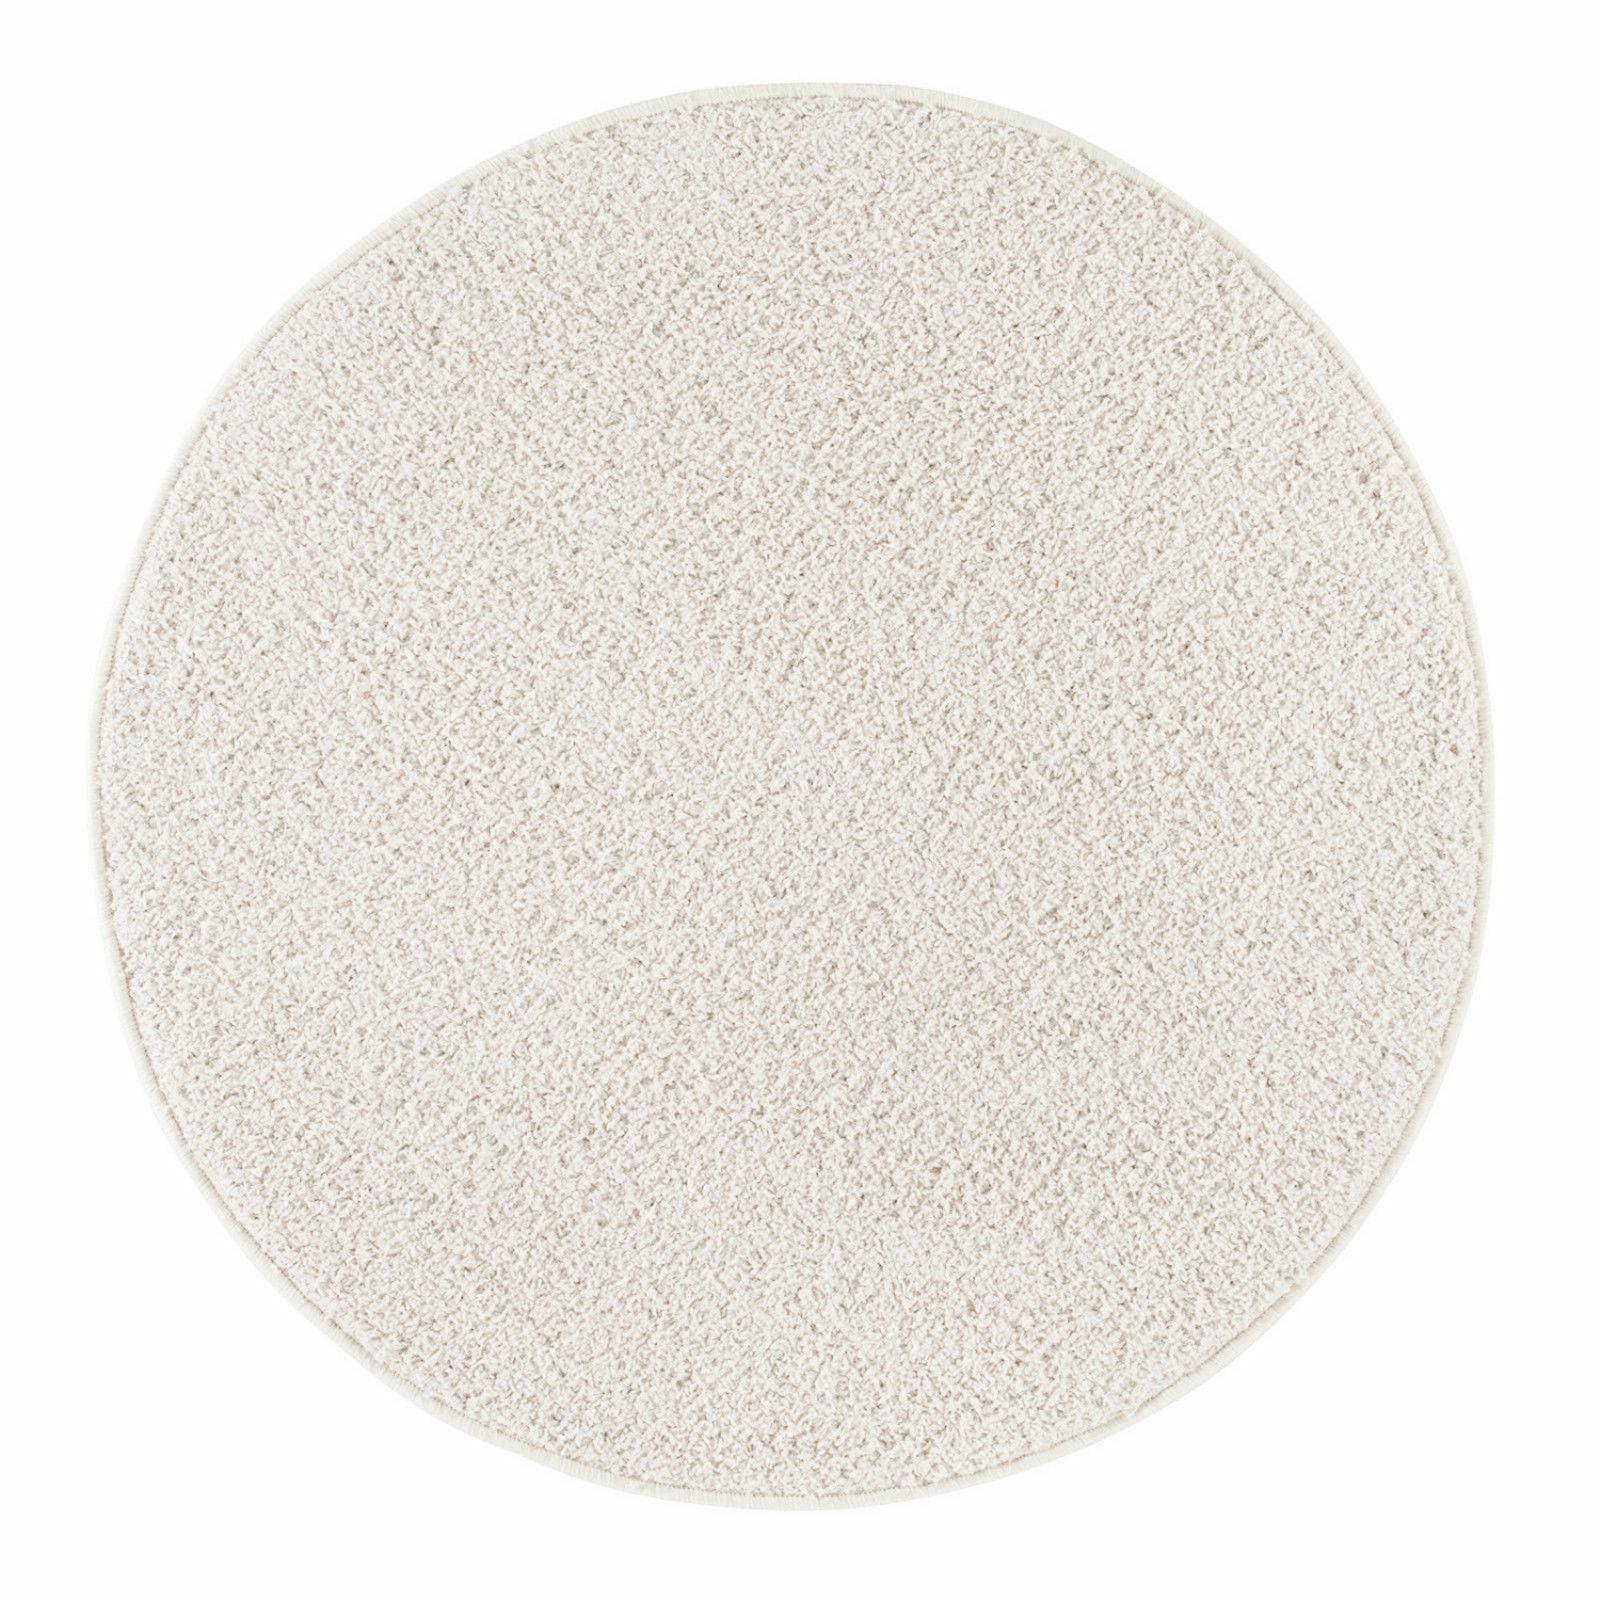 Teppich Kurzflor Teppich modern Kinderteppich Creme-Weiß rund 100 cm oder 133 cm